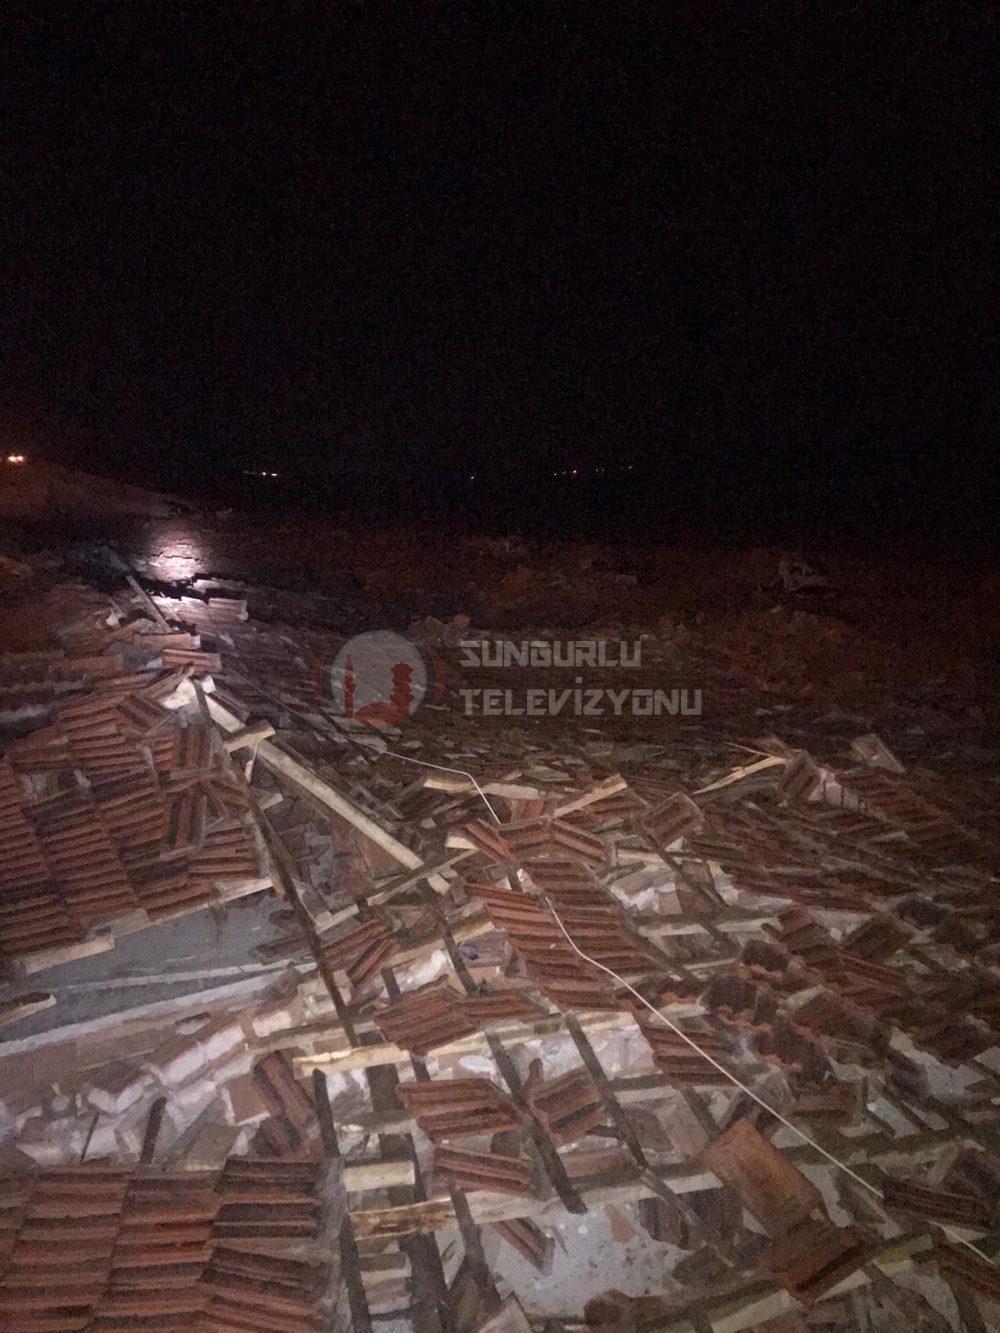 Sungurlu'da bulunan traktör galericiler sitesinin çatısı şiddetli rüzgara dayanamadı. Olayda 12 iş yerinin hasar gördüğü öğrenildi. | Sungurlu Haber